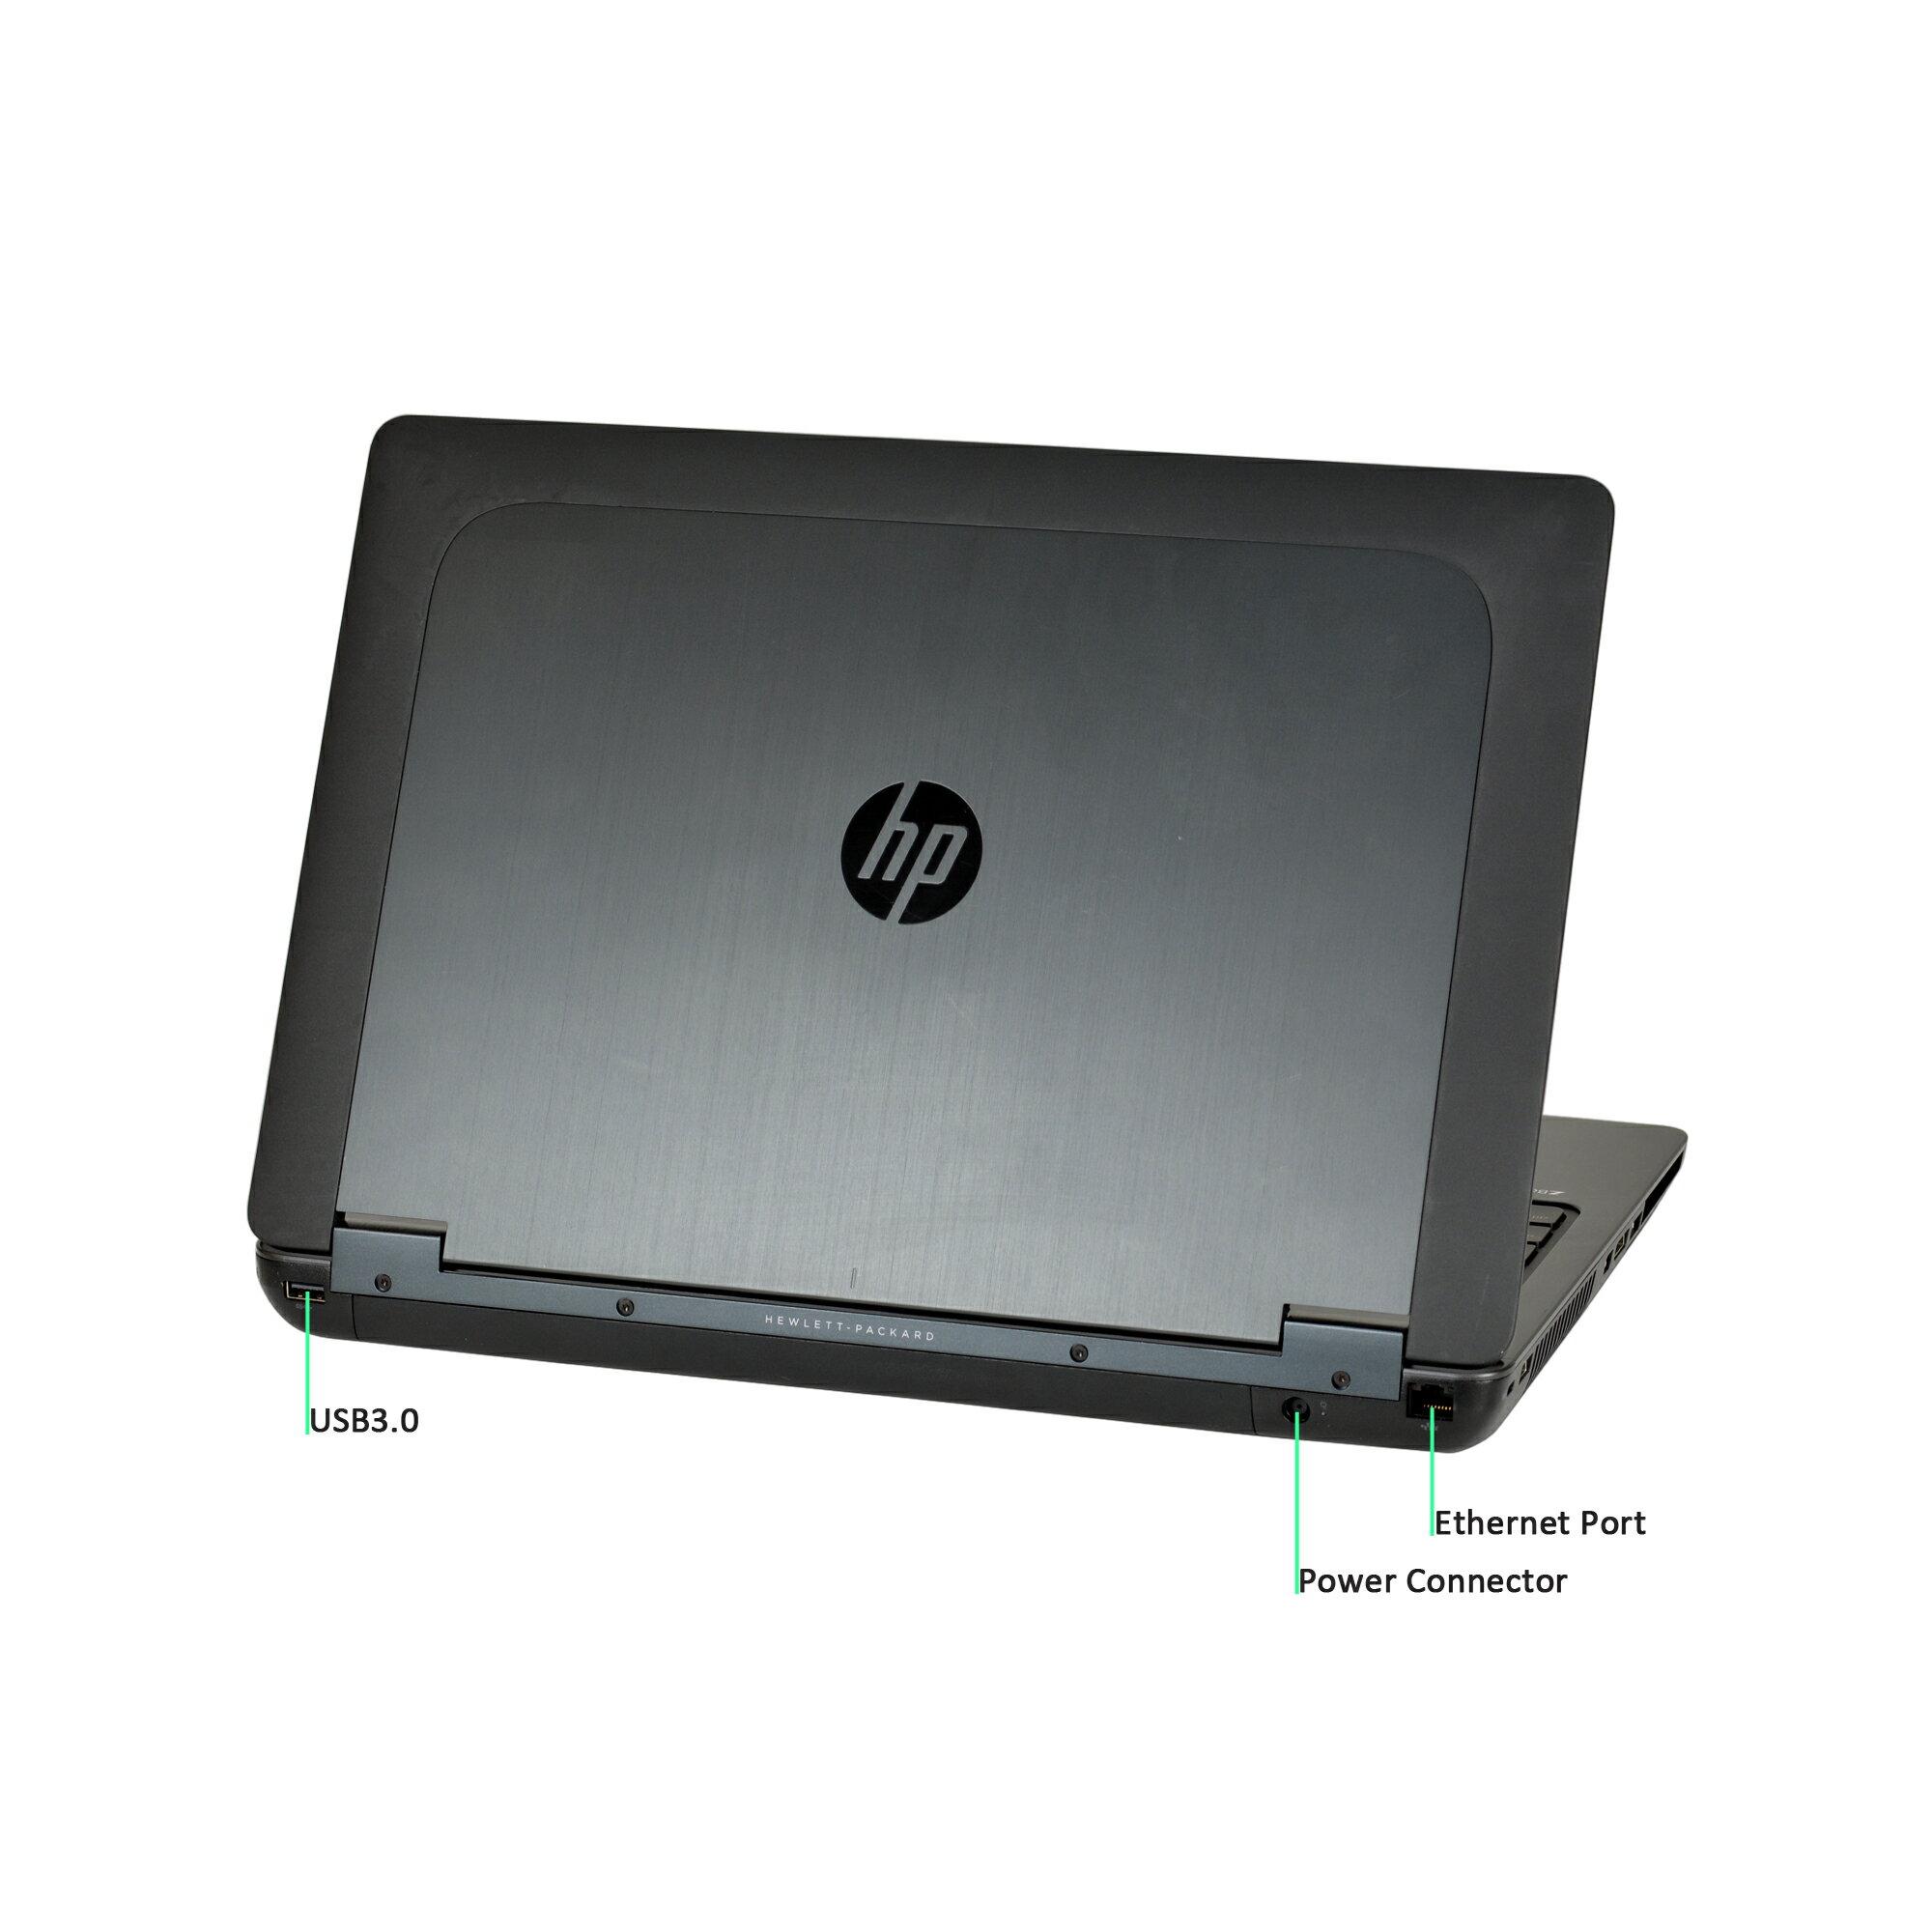 HP Zbook 15 Intel Core i7-4700MQ 2 4GHz, 16GB RAM, 480GB SSD, 15 6 in FHD  Display, Webcam, Win 10 Pro (64-bit)